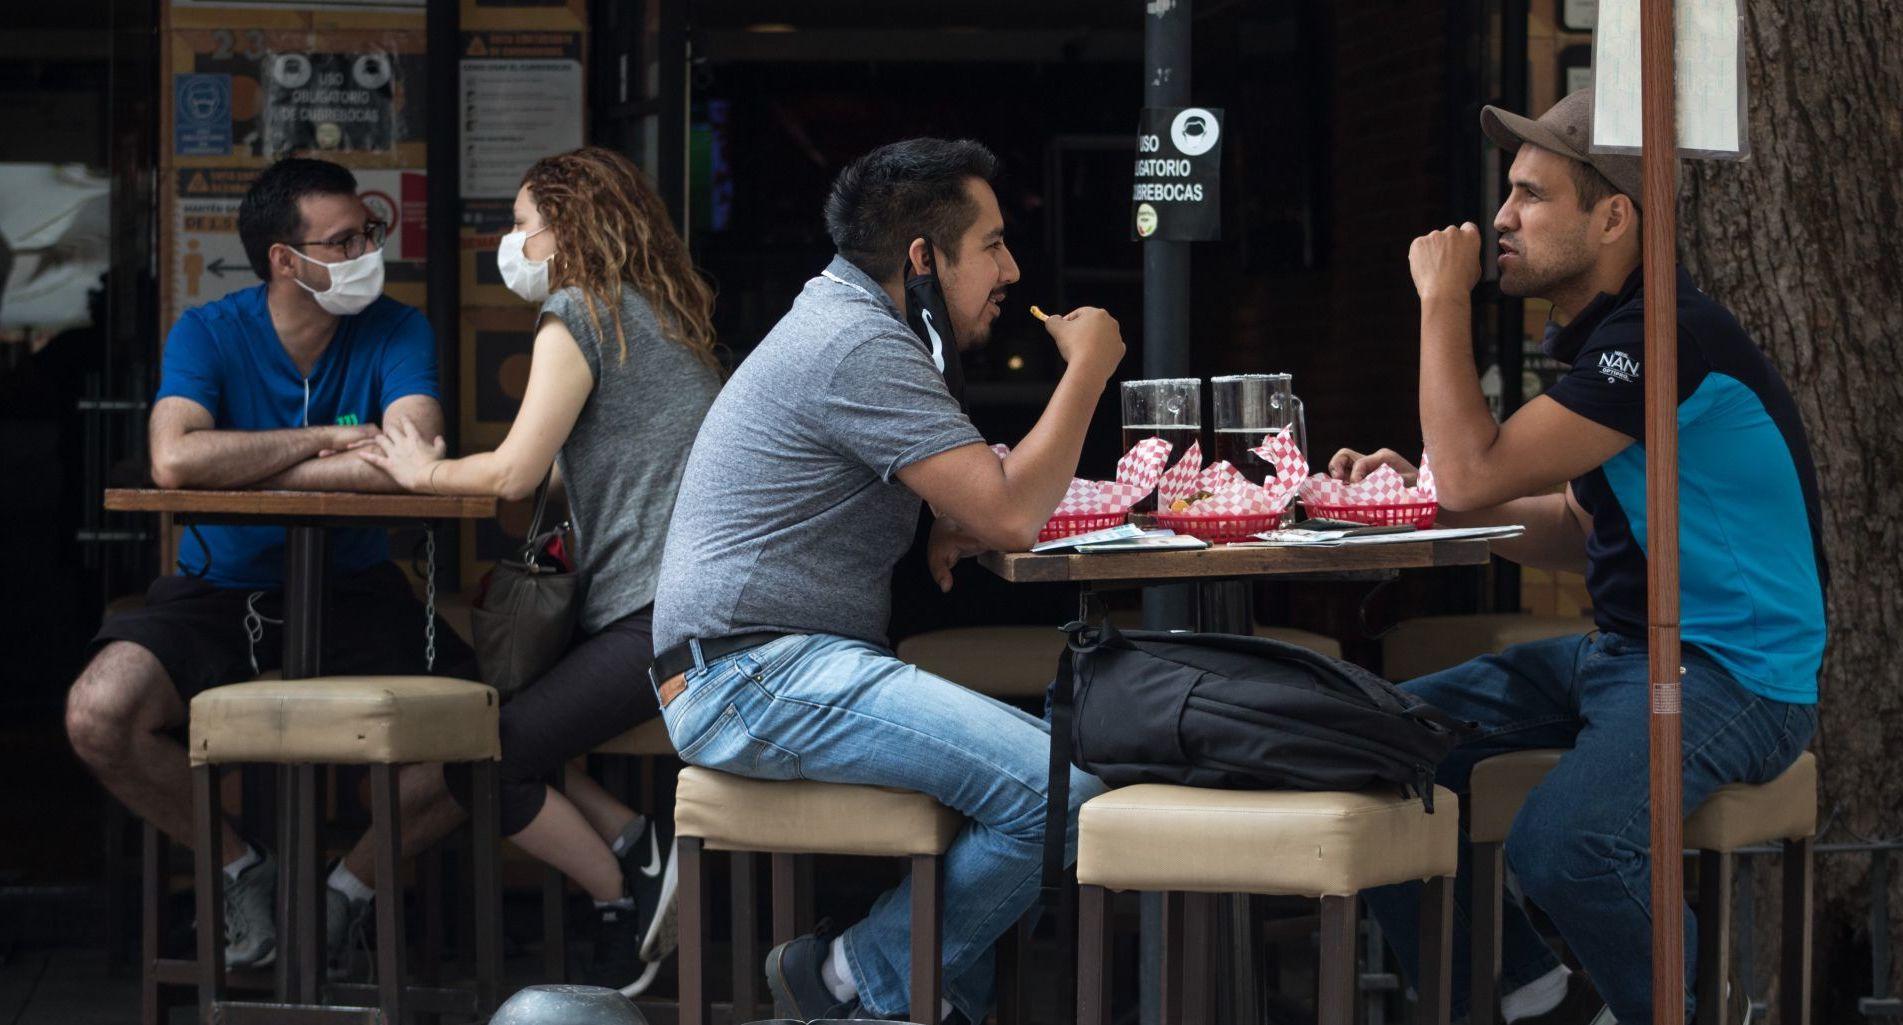 15 consejos para evitar el contagio en un restaurante #NuevaNormalidad